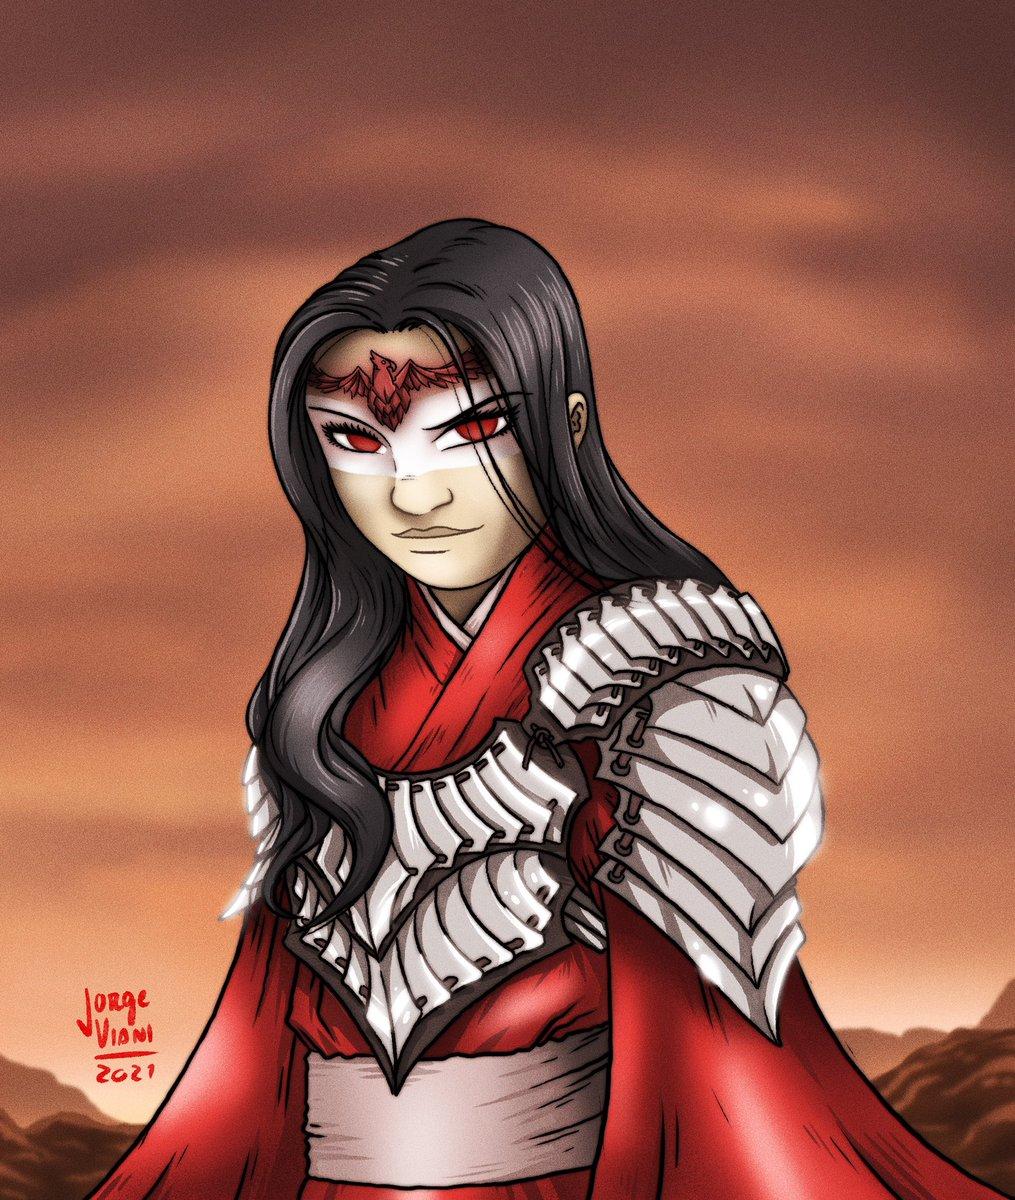 Dark Mulan. A versão que imaginei se a protagonista tivesse dado razão à bruxa Xianniang e se voltado contra o imperador #Mulan #Disney #illustration